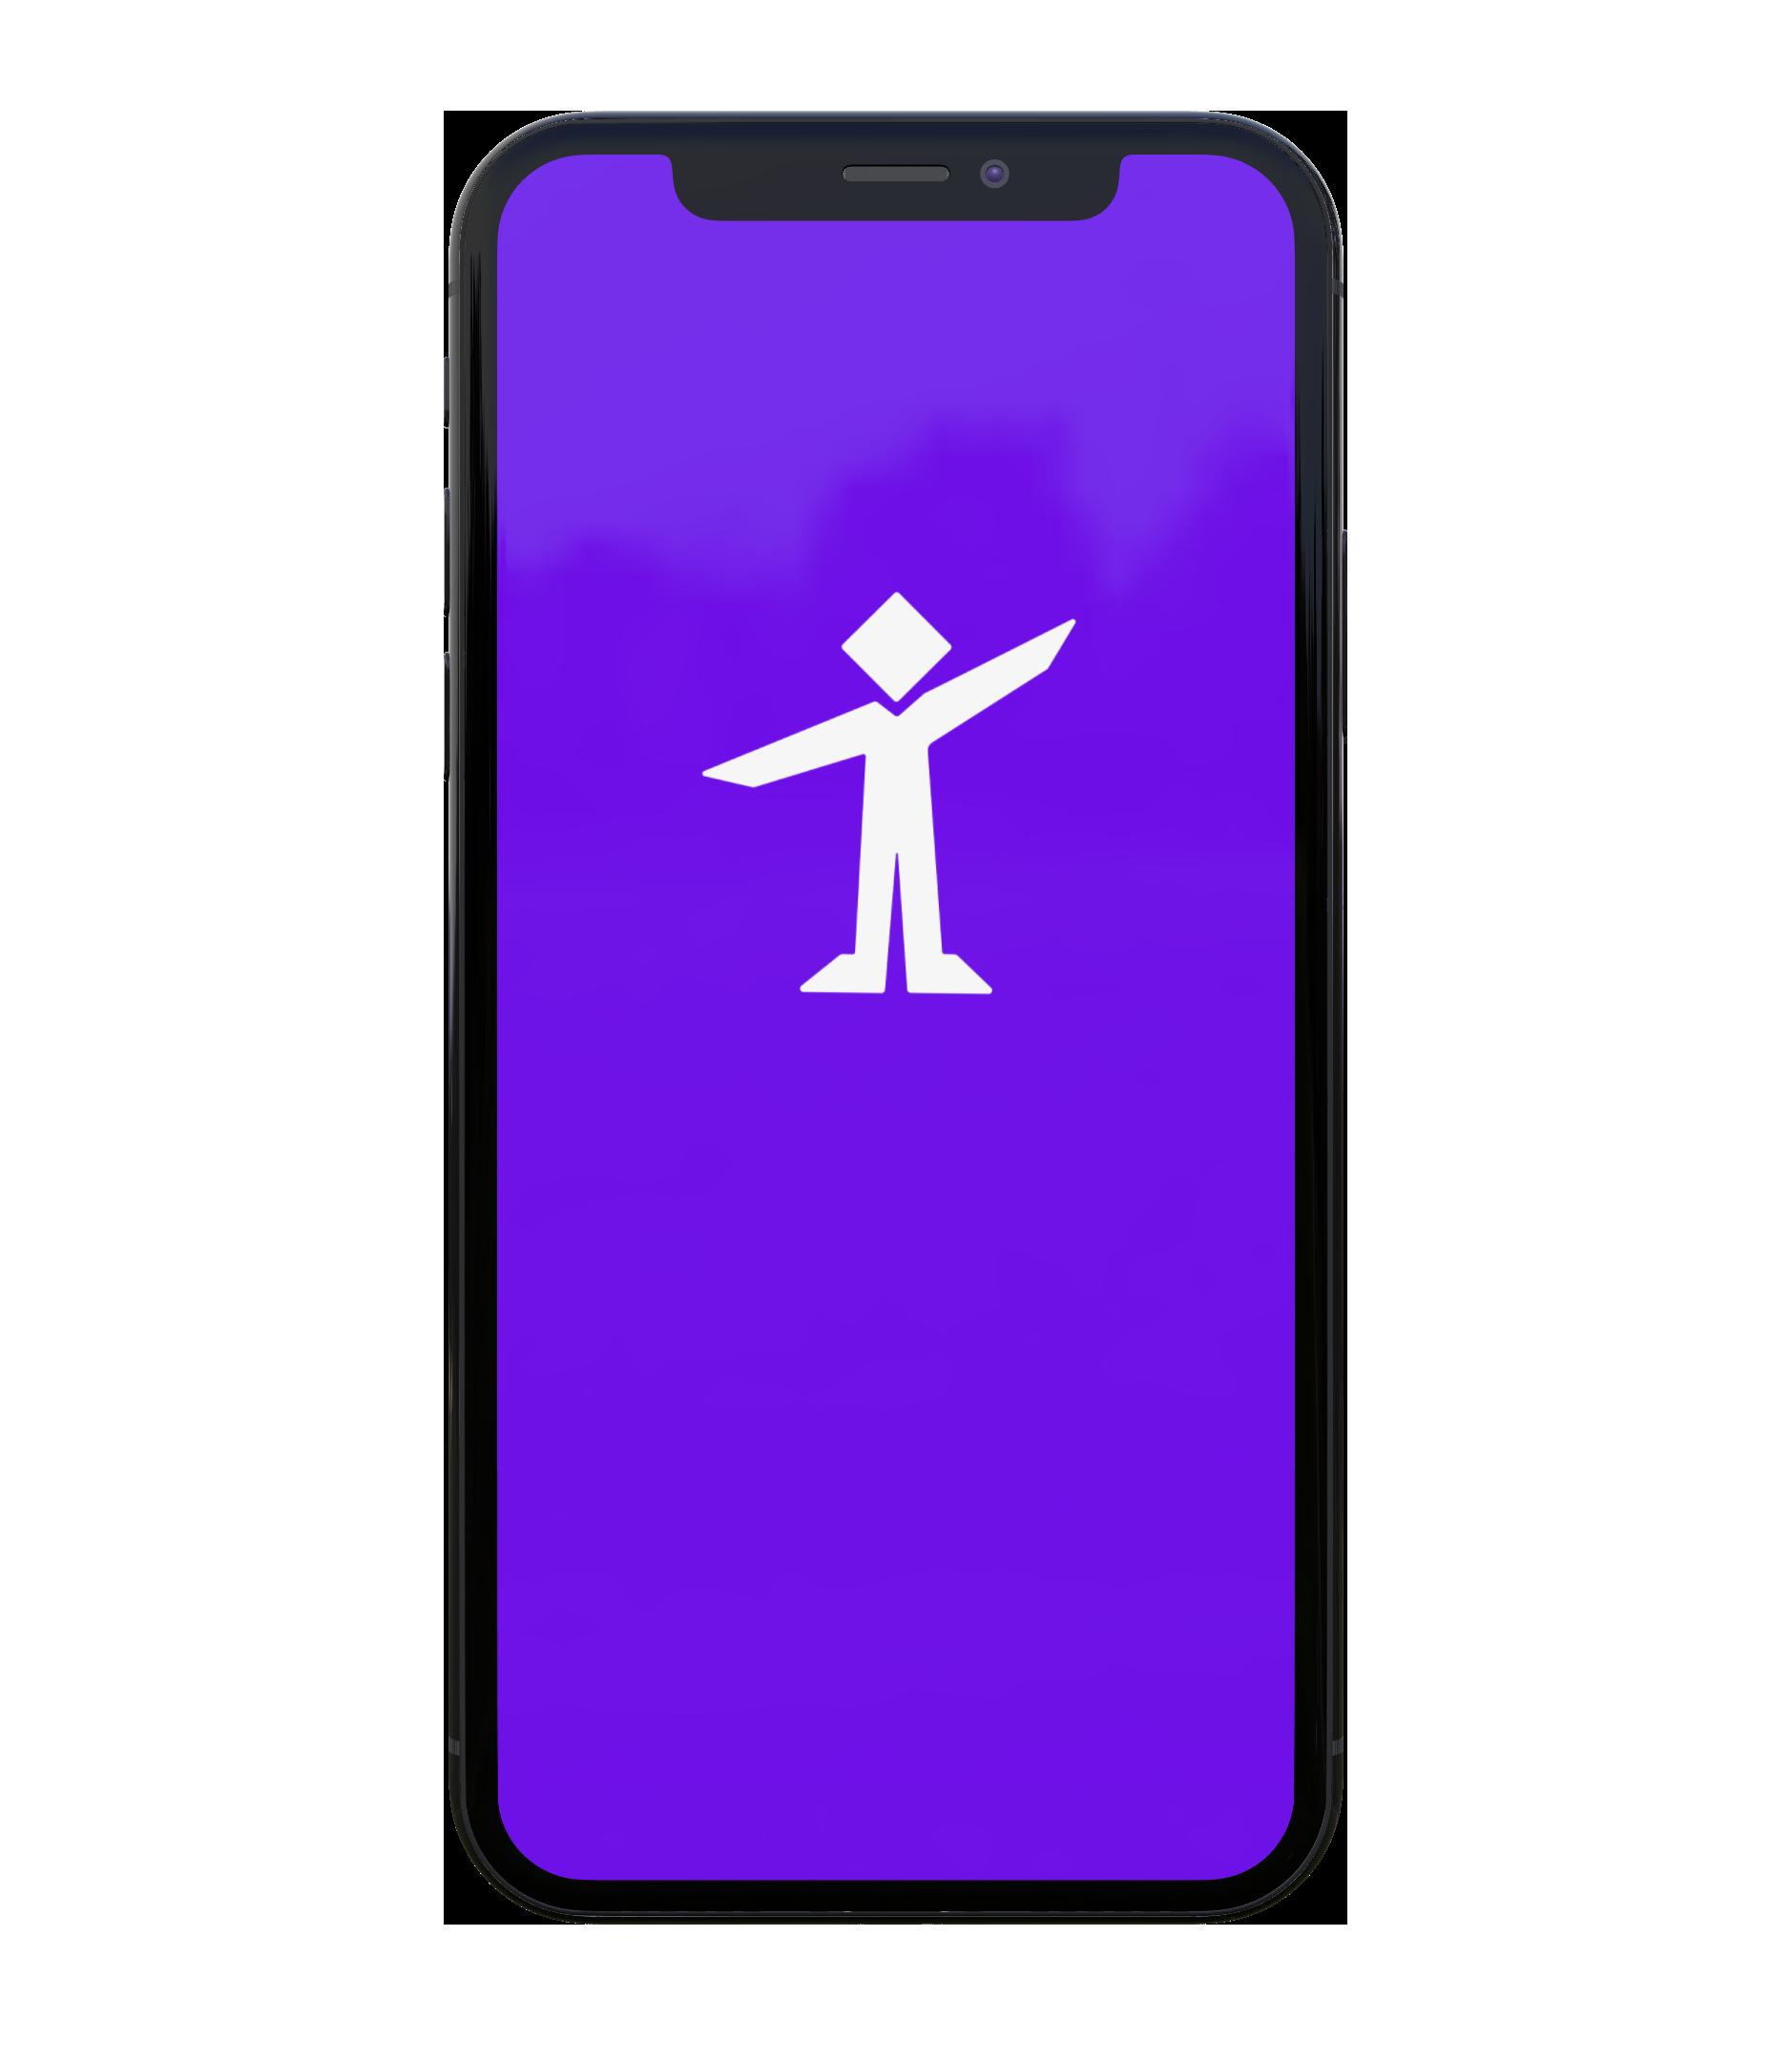 Application render